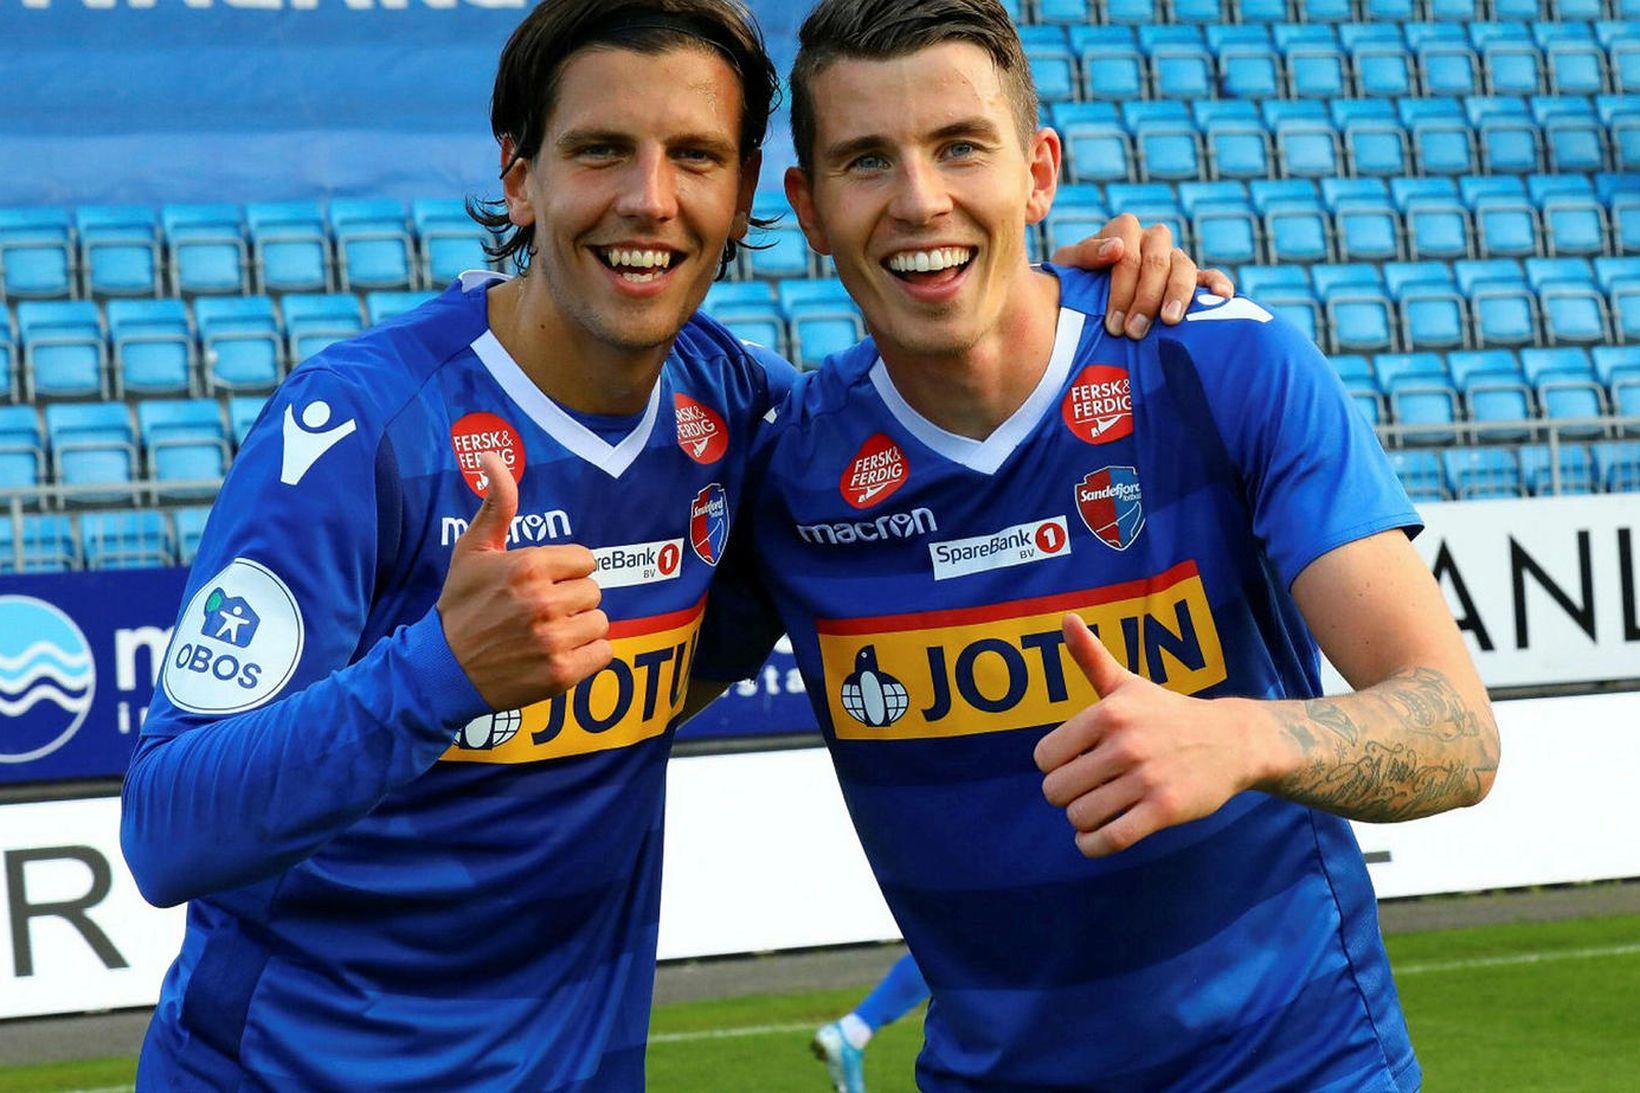 Emil Pálsson og Viðar Ari Jónsson leika með Sandefjord.